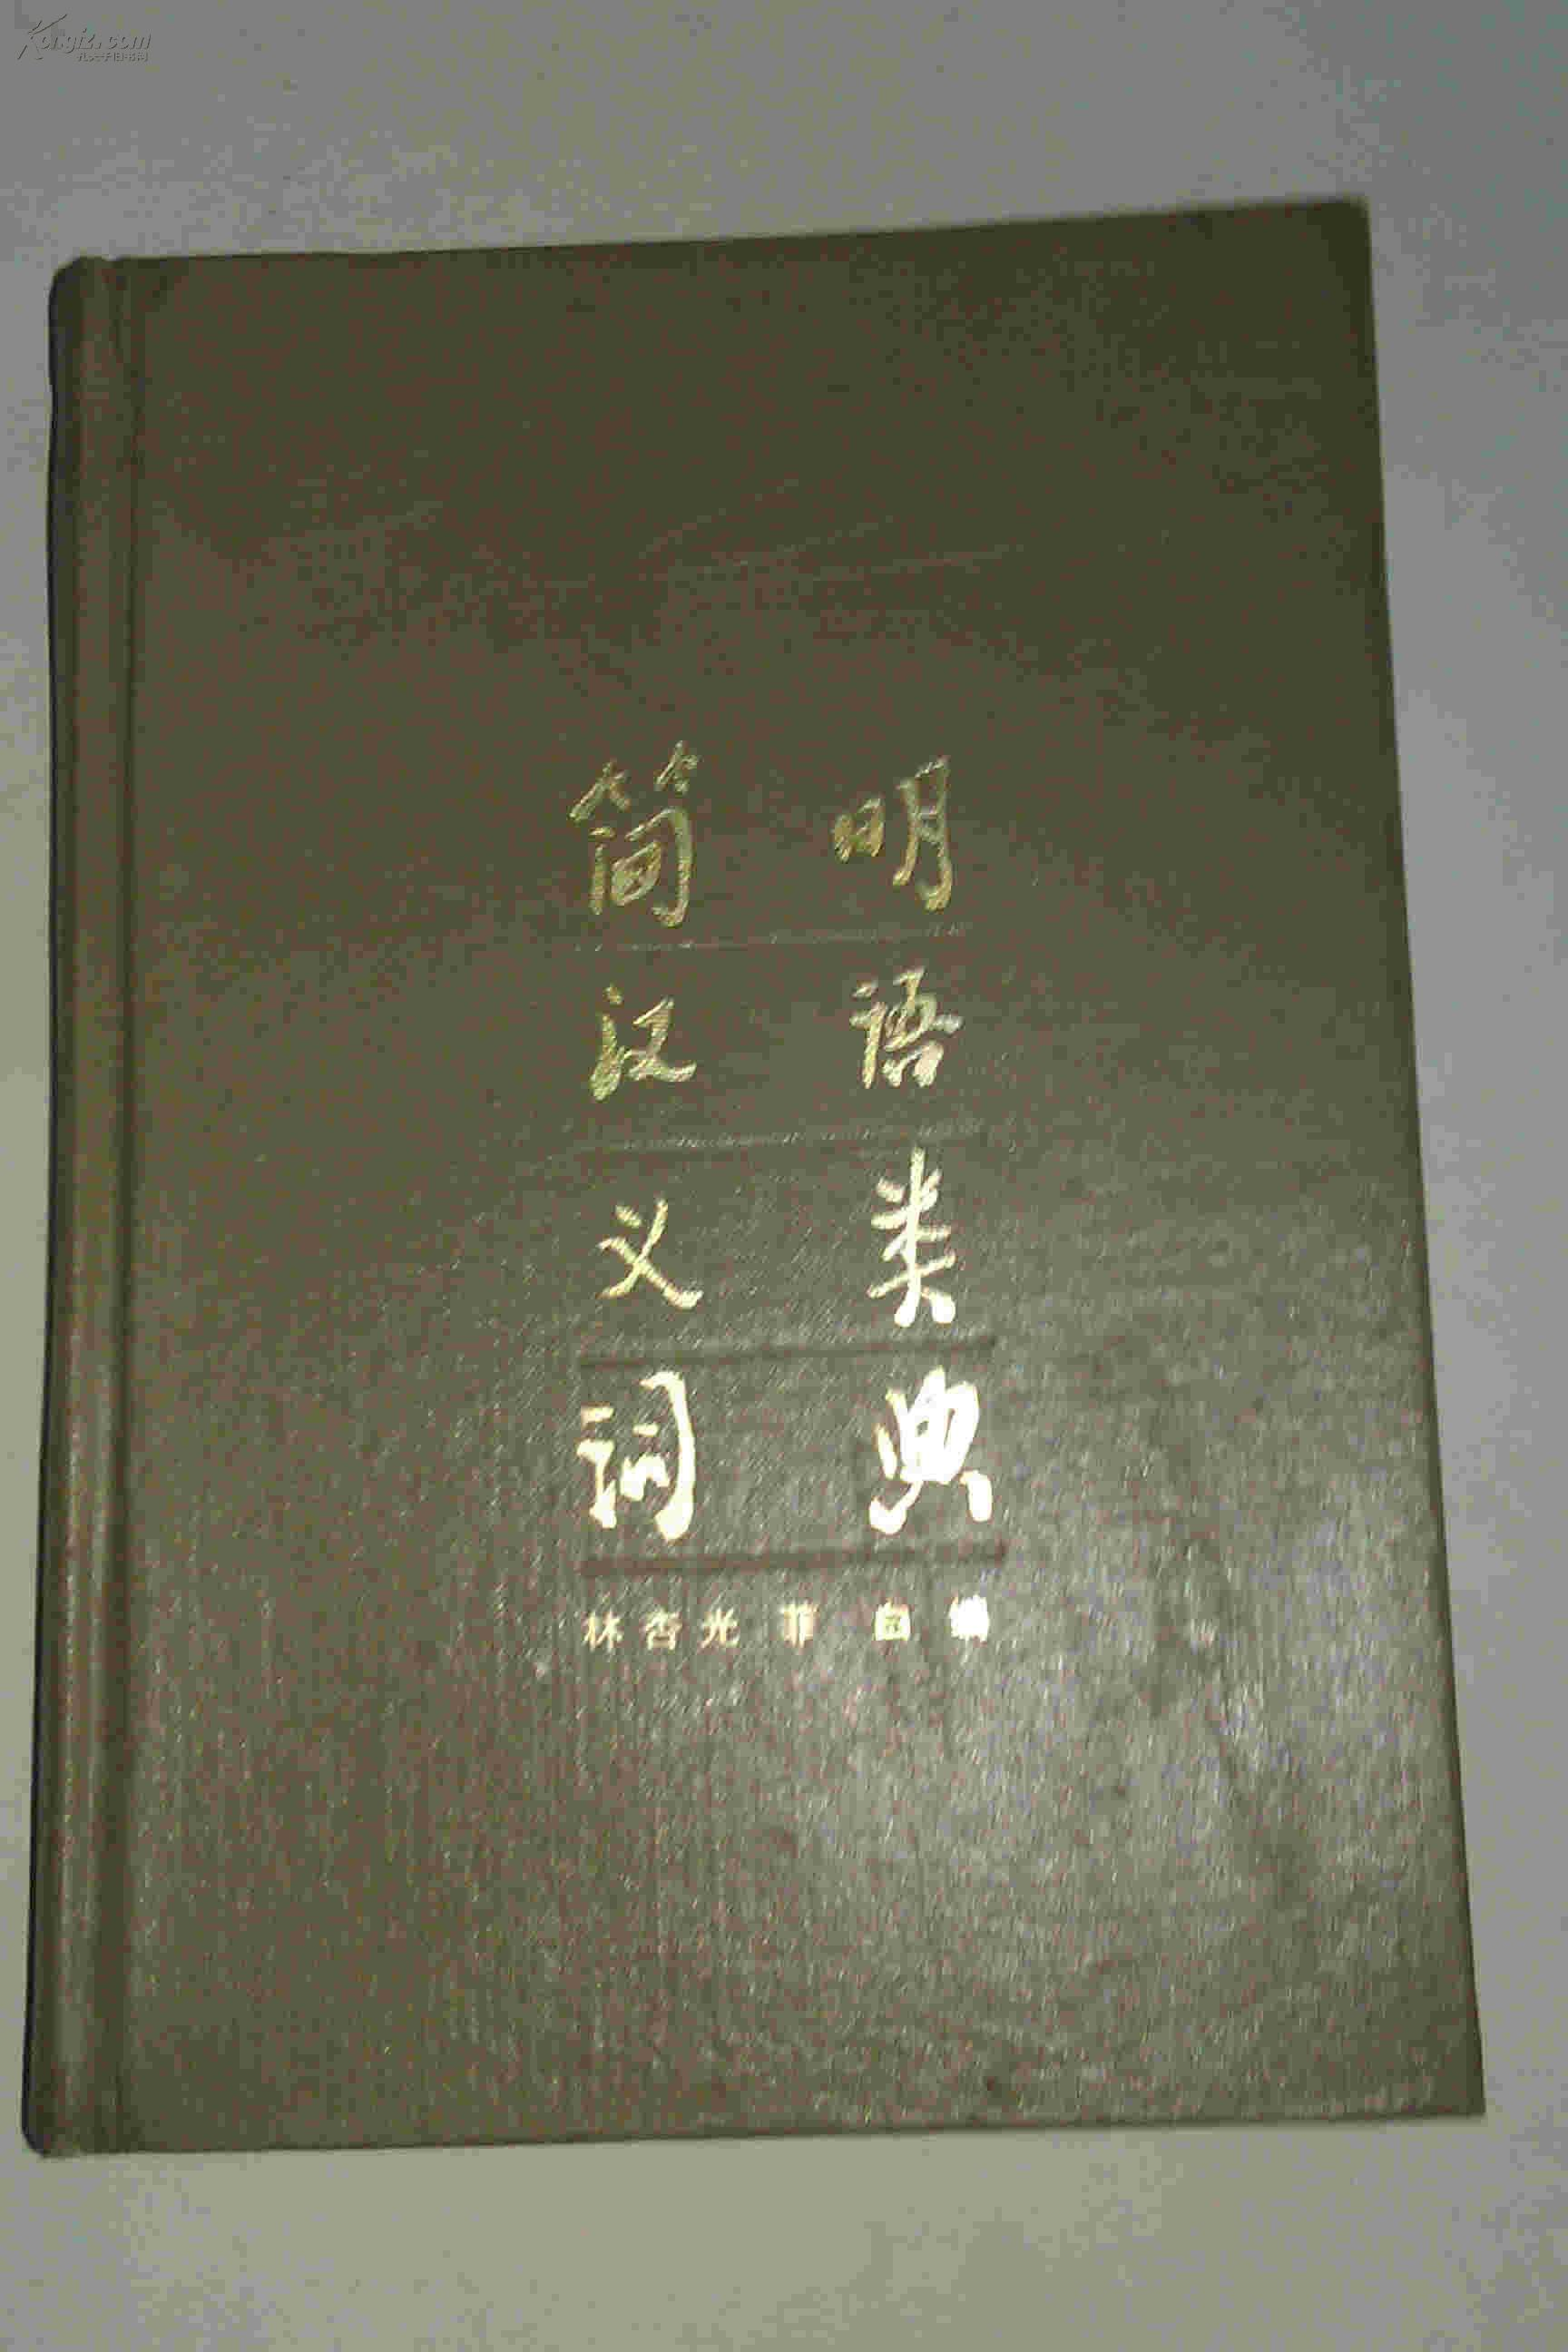 简明汉语义类词典  精装本 商务印书馆1987年一版一印